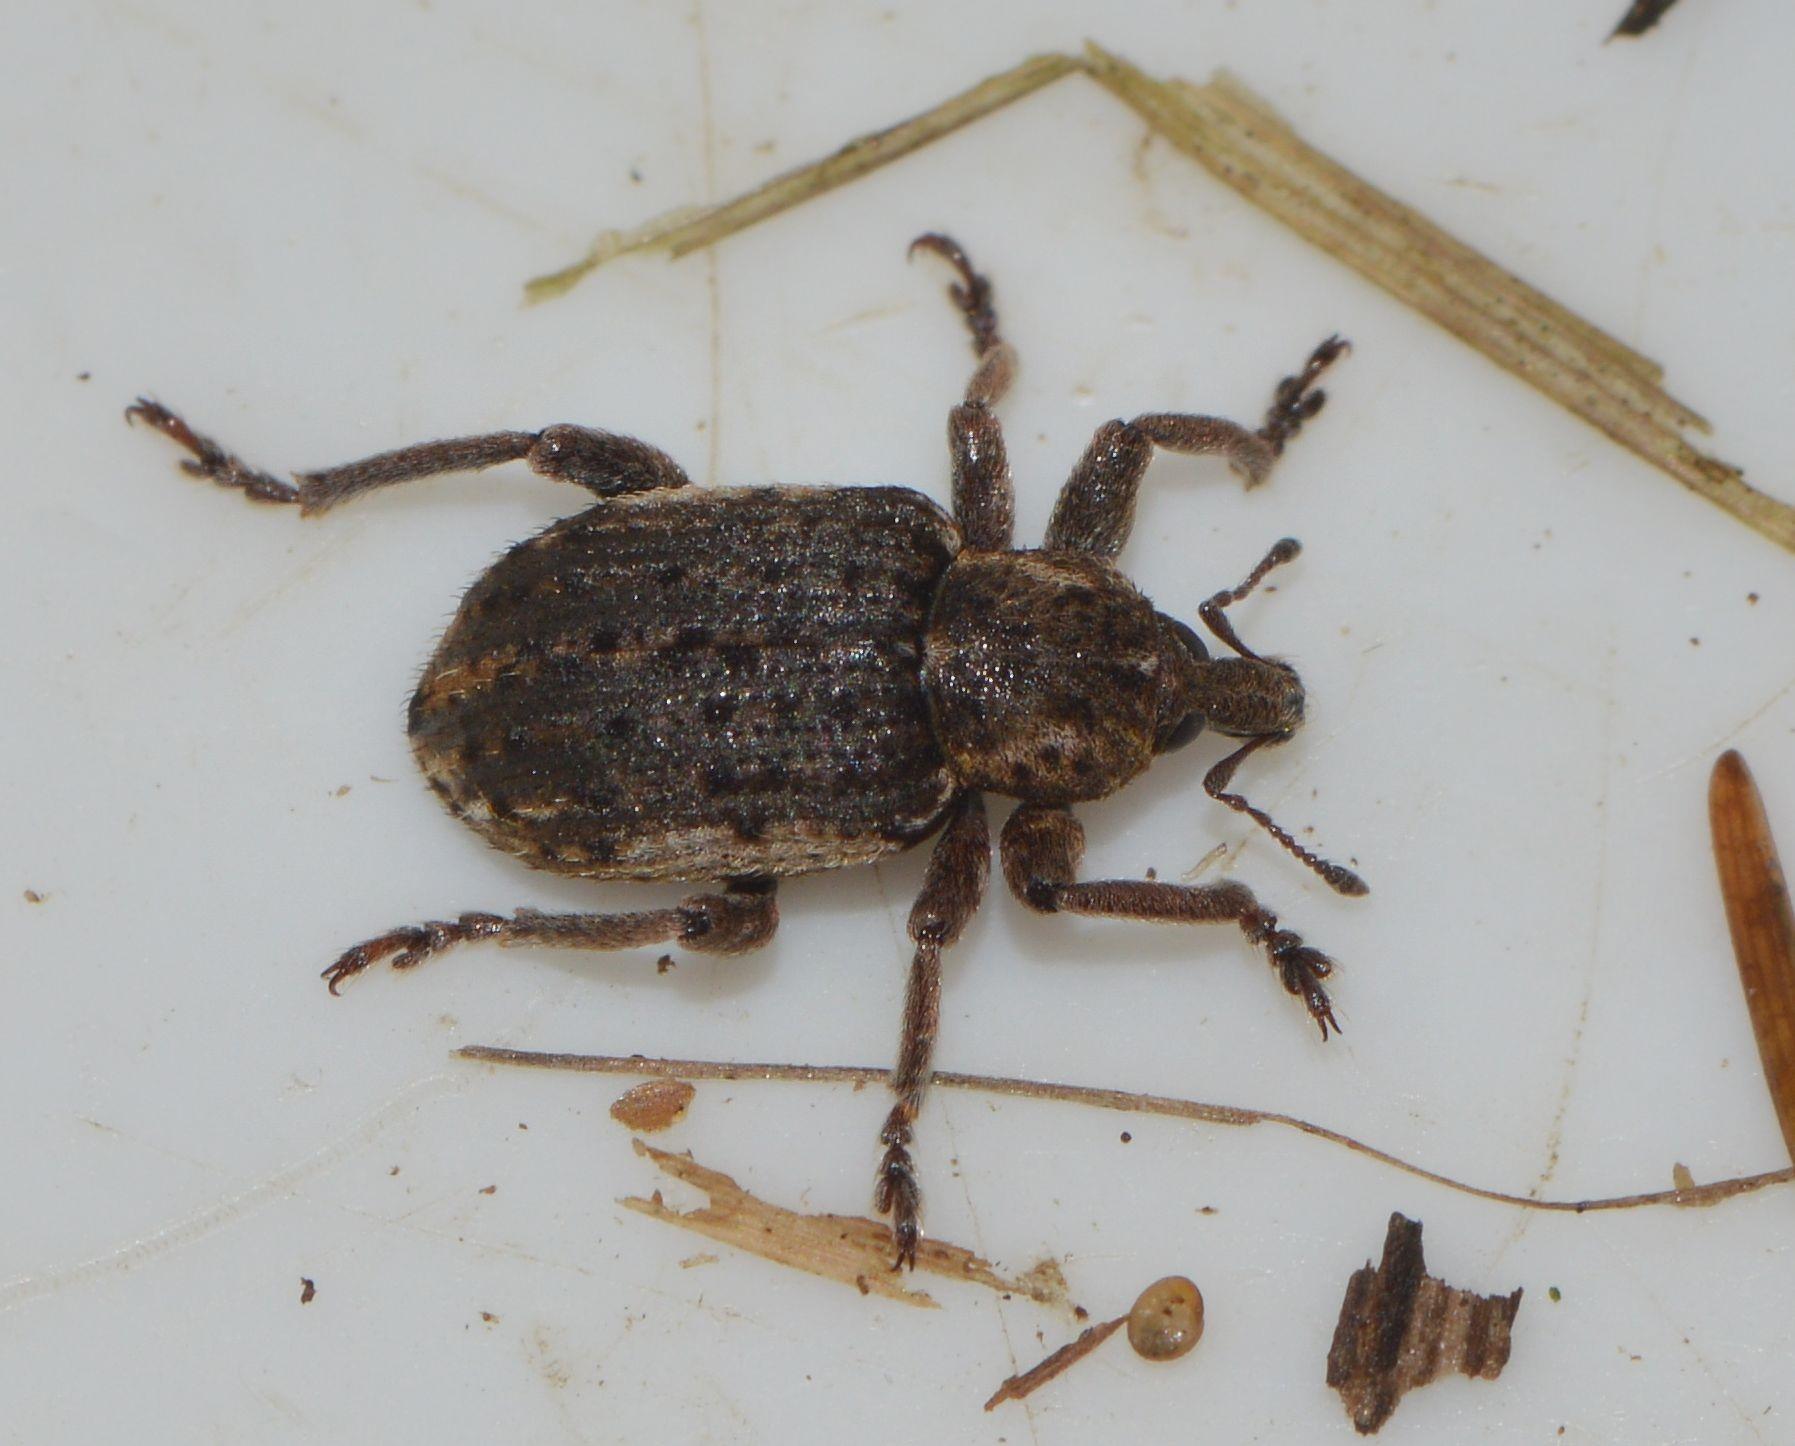 Brachypera zoilus (Brachypera zoilus)